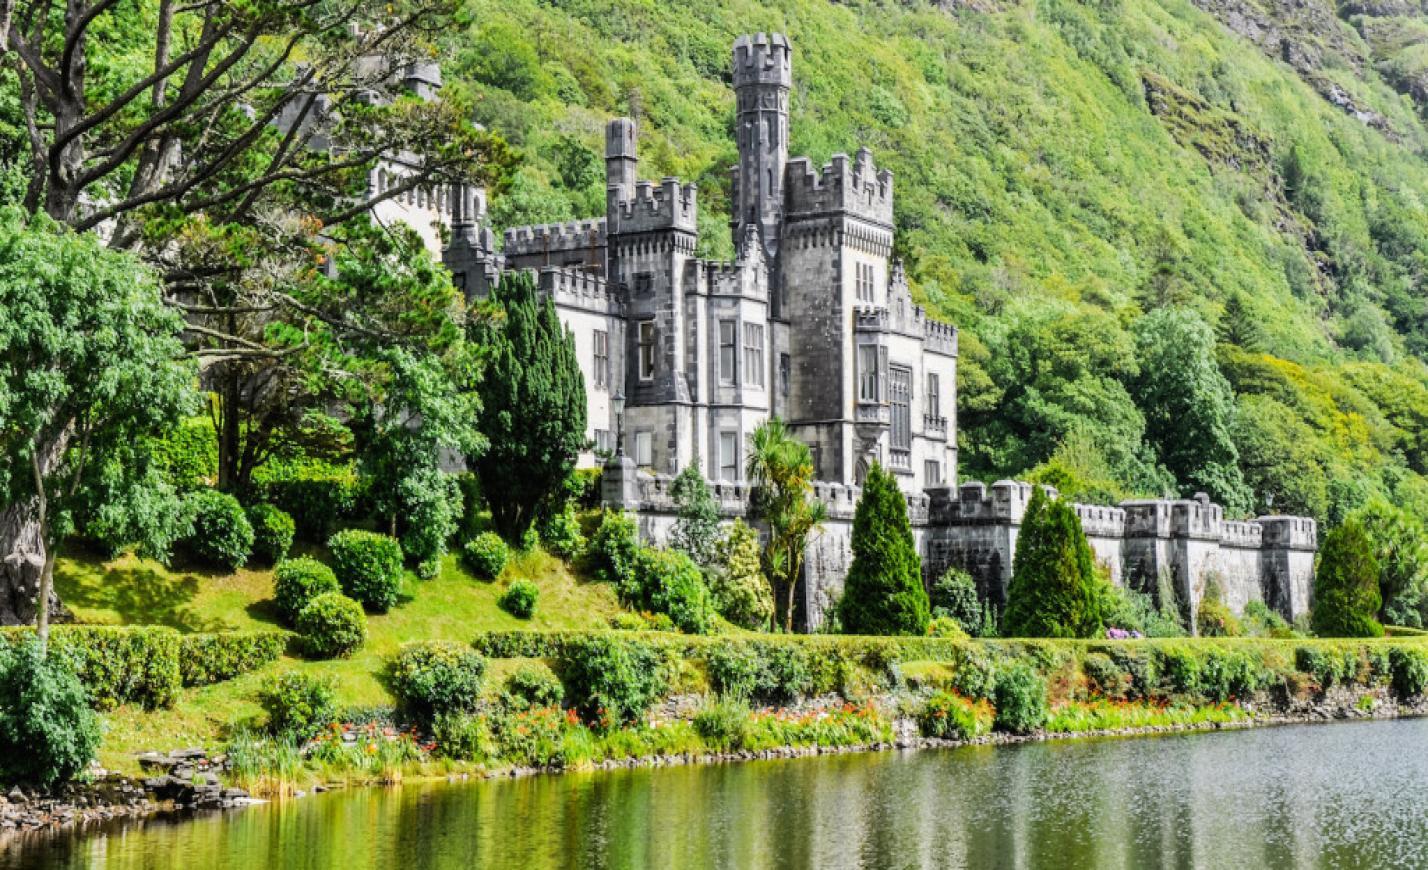 Utazd be a mesés Írország legszebb tájait!